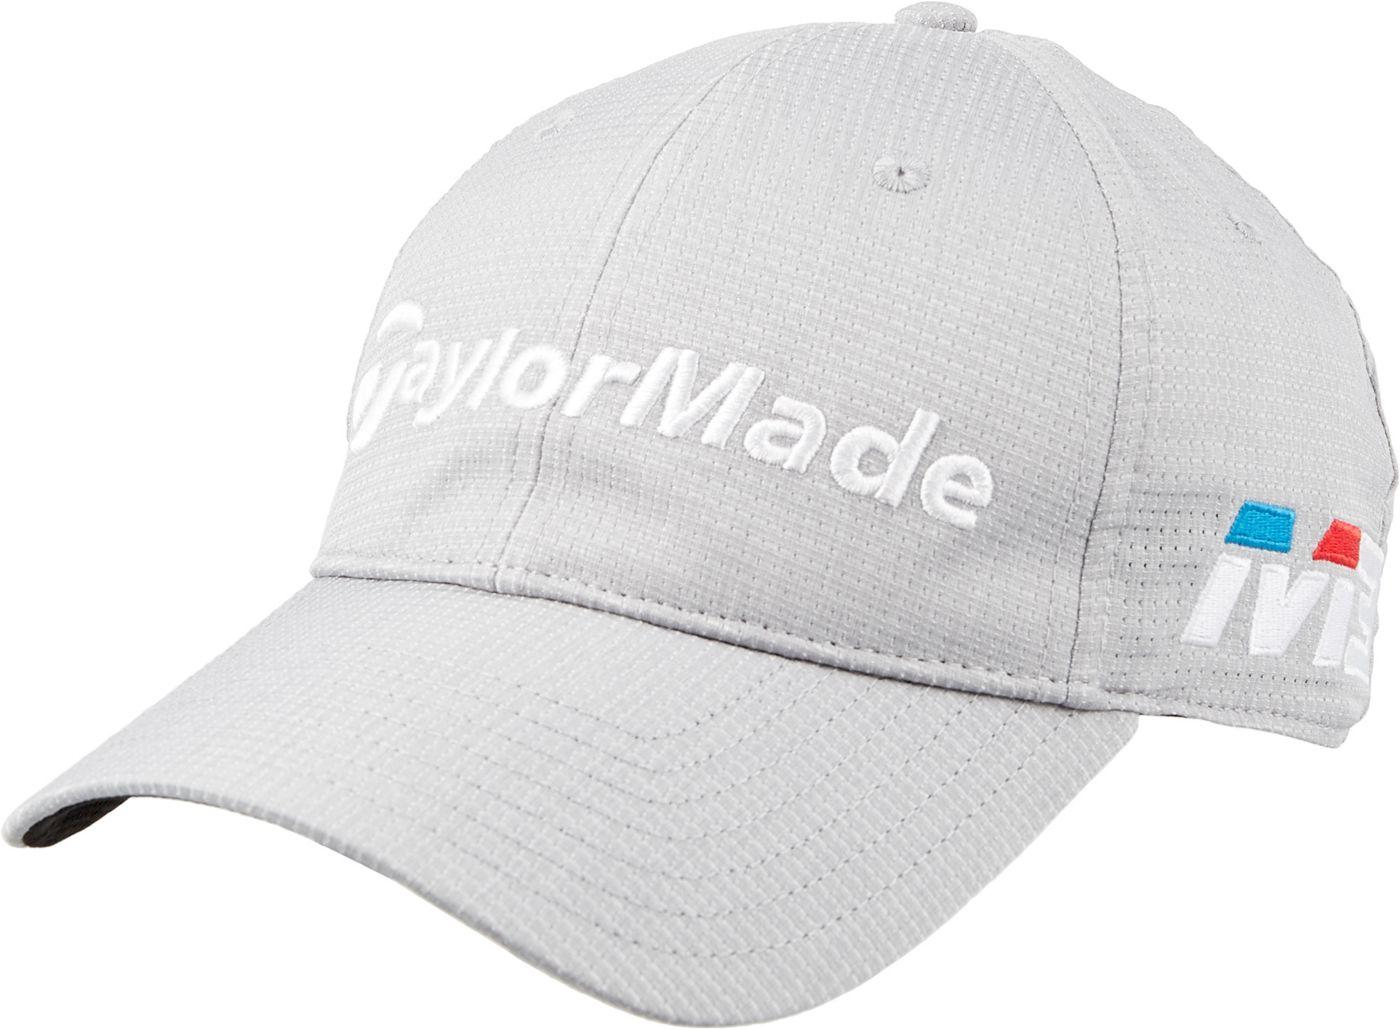 TaylorMade Men's LiteTech Tour Hat